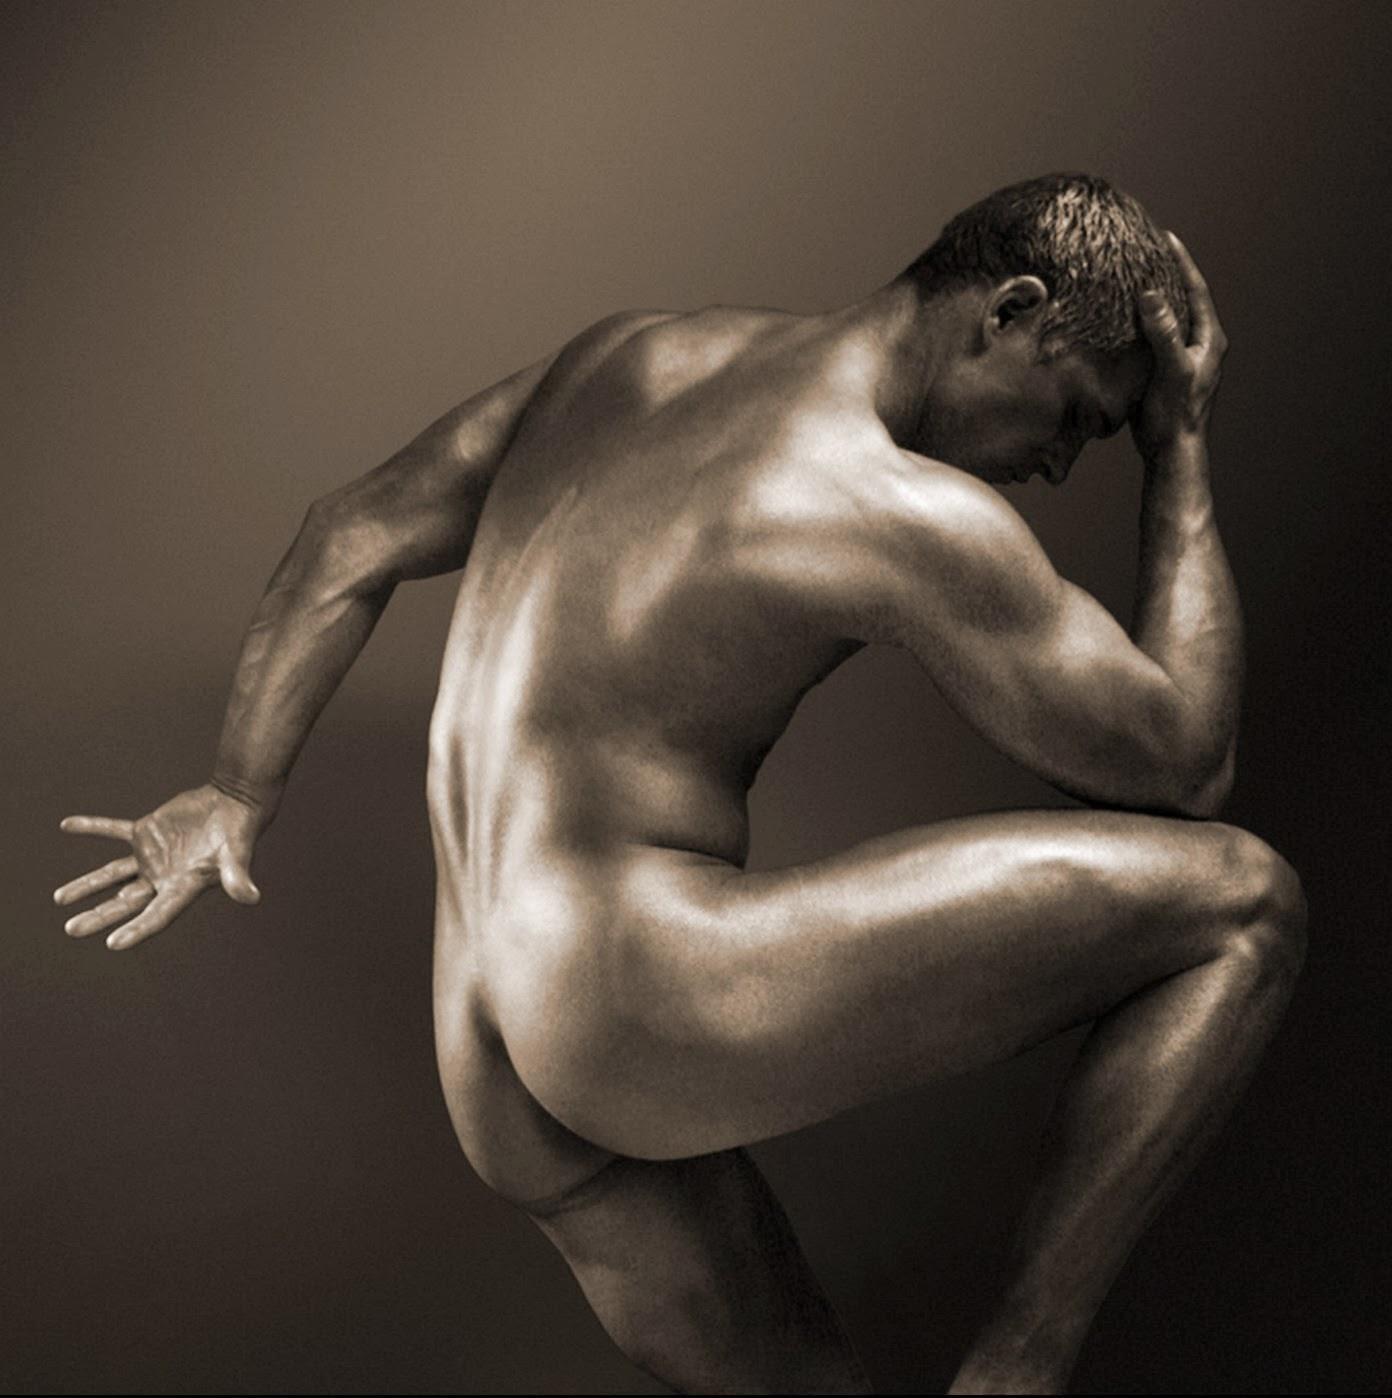 fotos-artisticas-masculinas